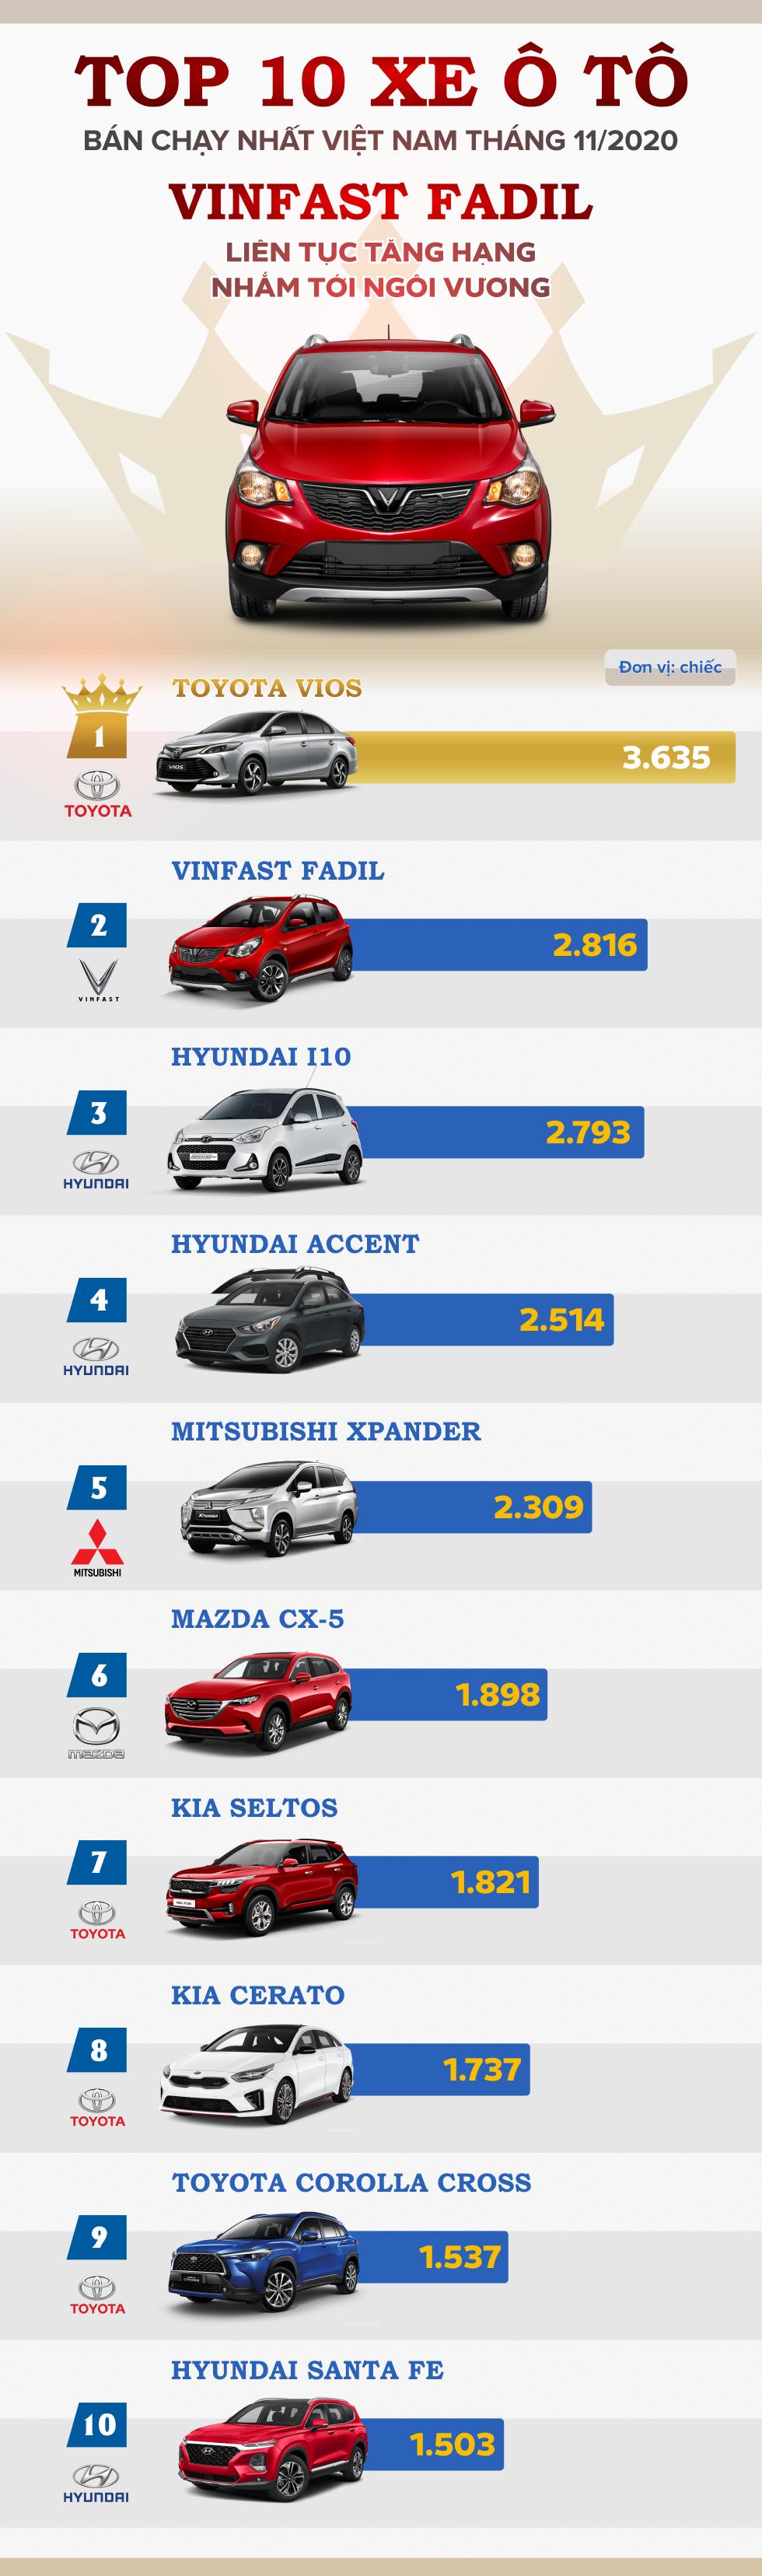 TOP 10 xe ô tô bán chạy nhất Việt Nam tháng 11/2020: VinFast Fadil liên tục tăng hạng nhắm tới ngôi vương - Ảnh 1.